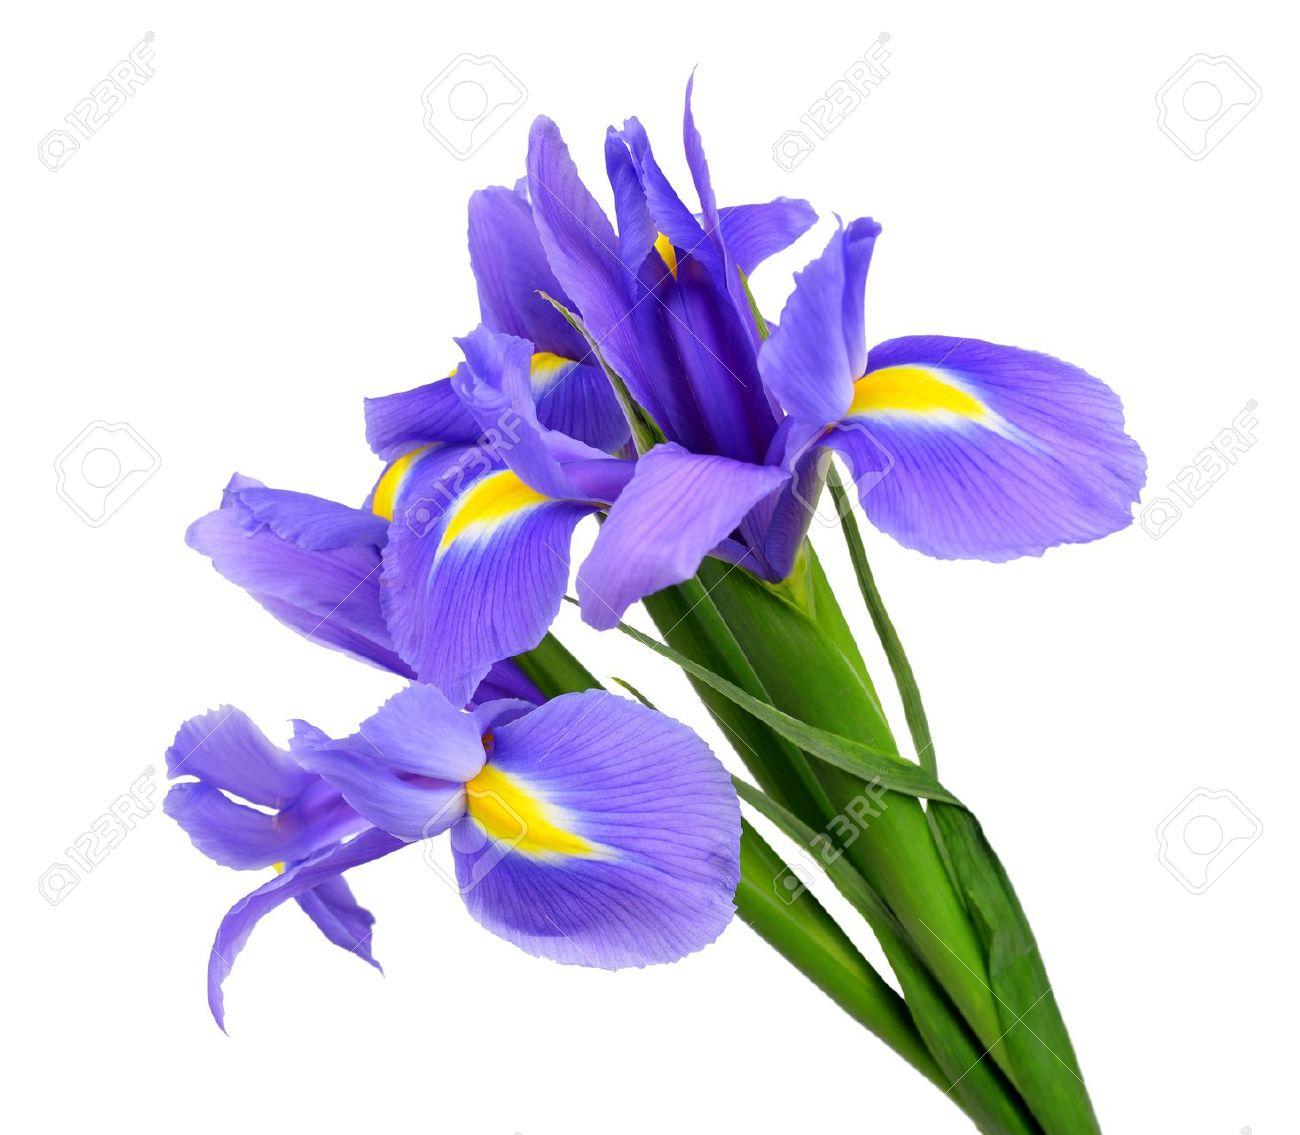 iris flower clipart #51.